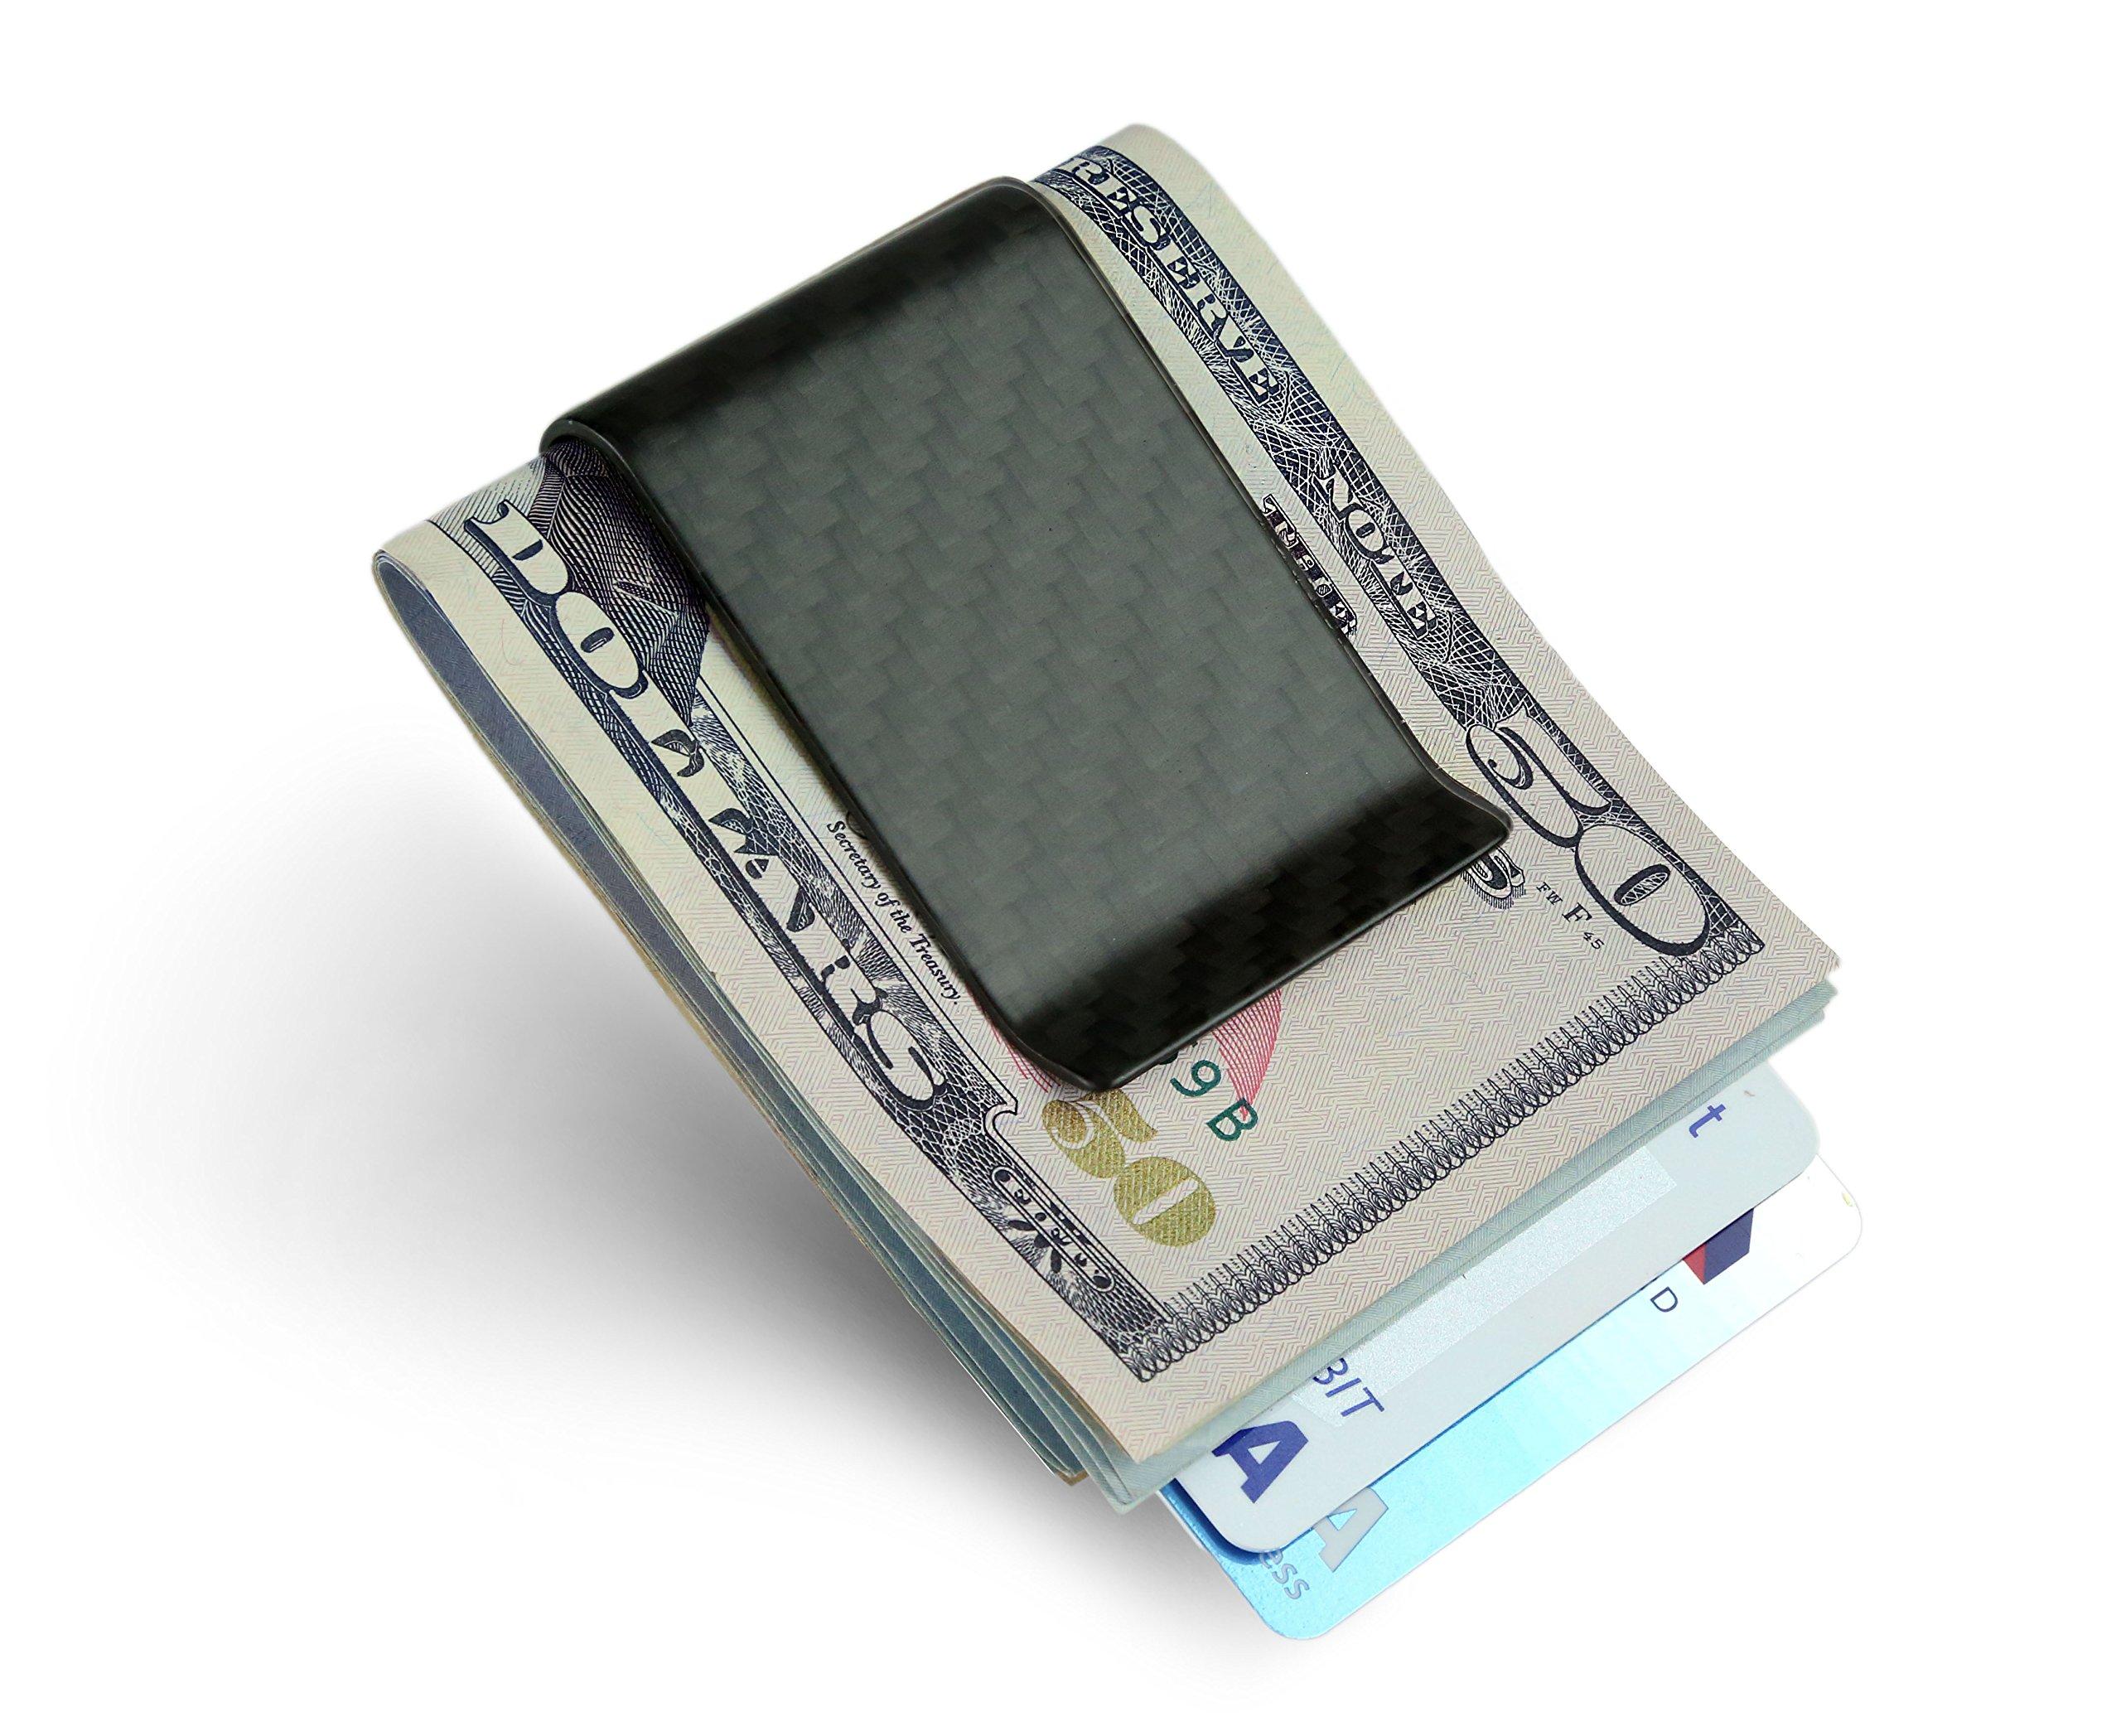 Carbon Fiber Money Clip Credit Card holder - SERMAN BRANDS Slim Business Card Holder Clips for men Glossy (Matte)